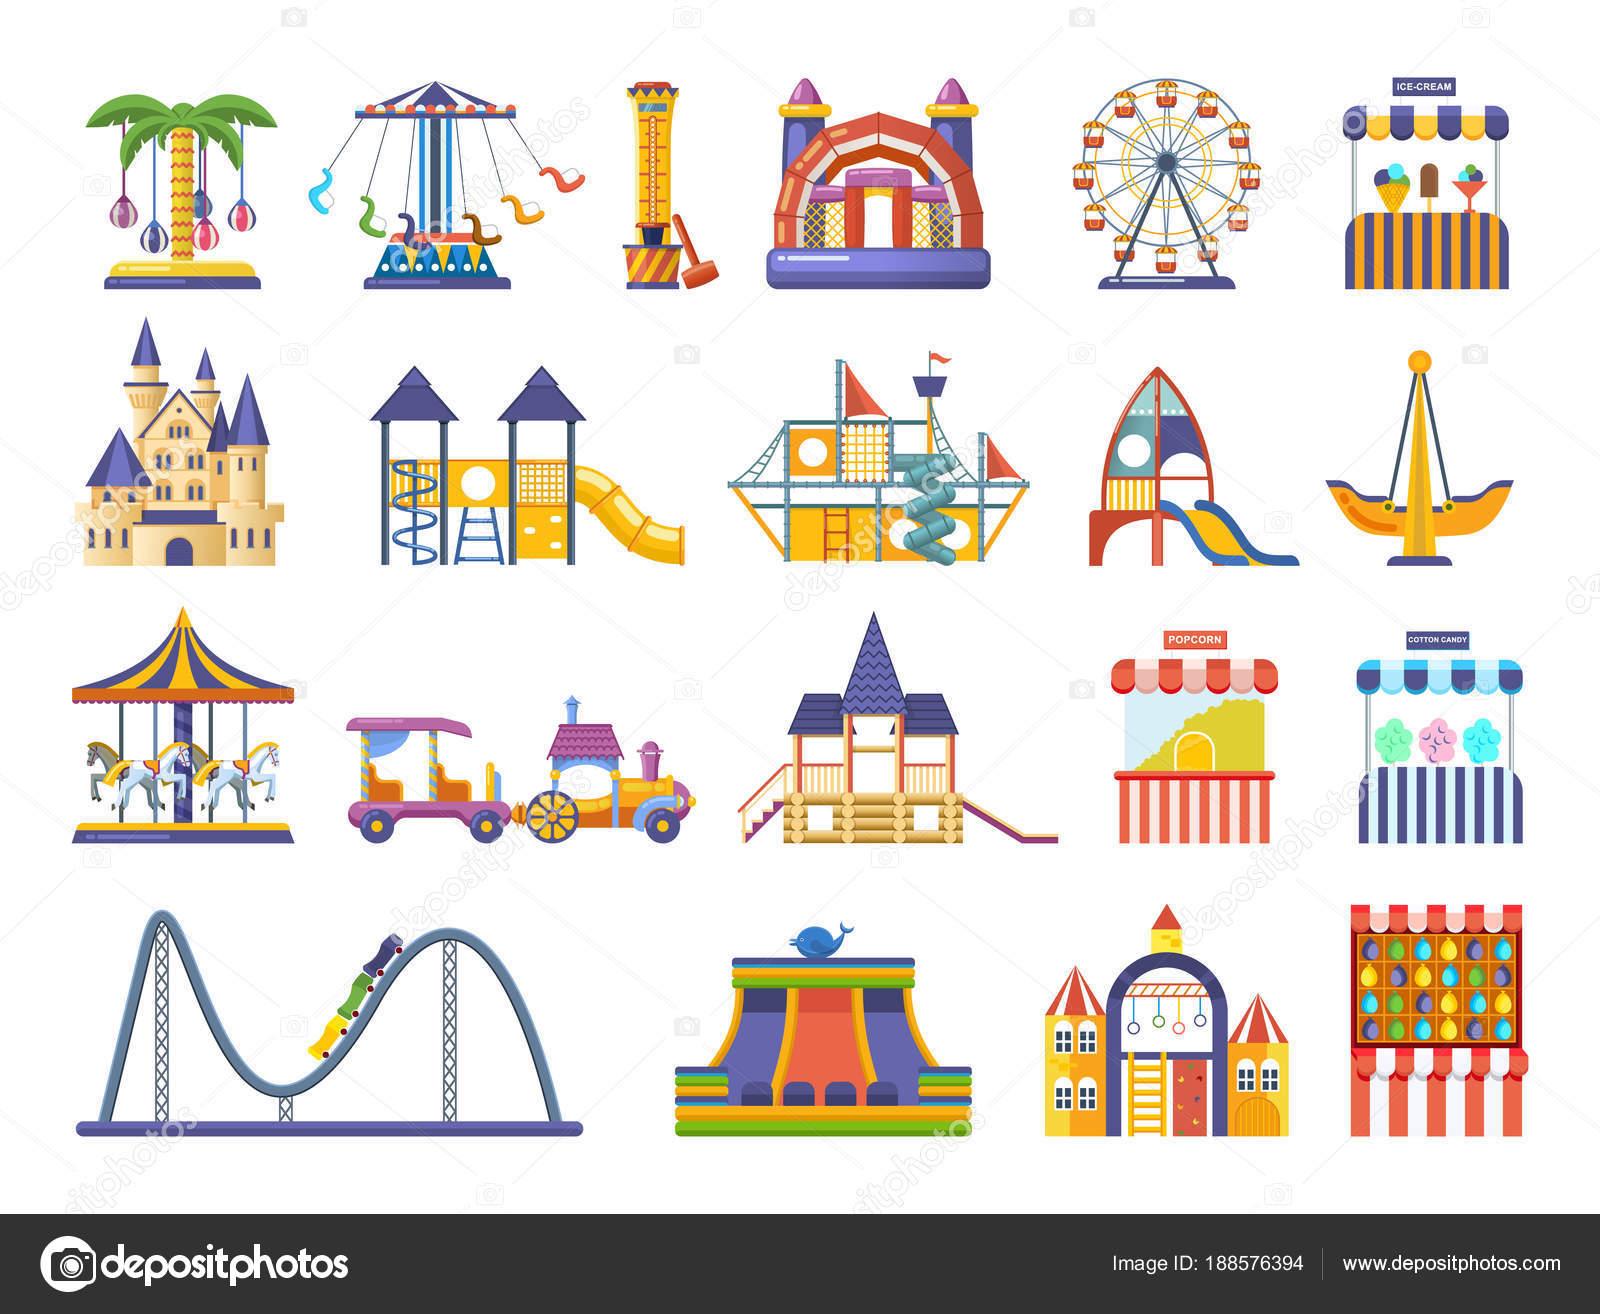 Juego Infantiles Para Descargar Parque De Atracciones S Los Ninos